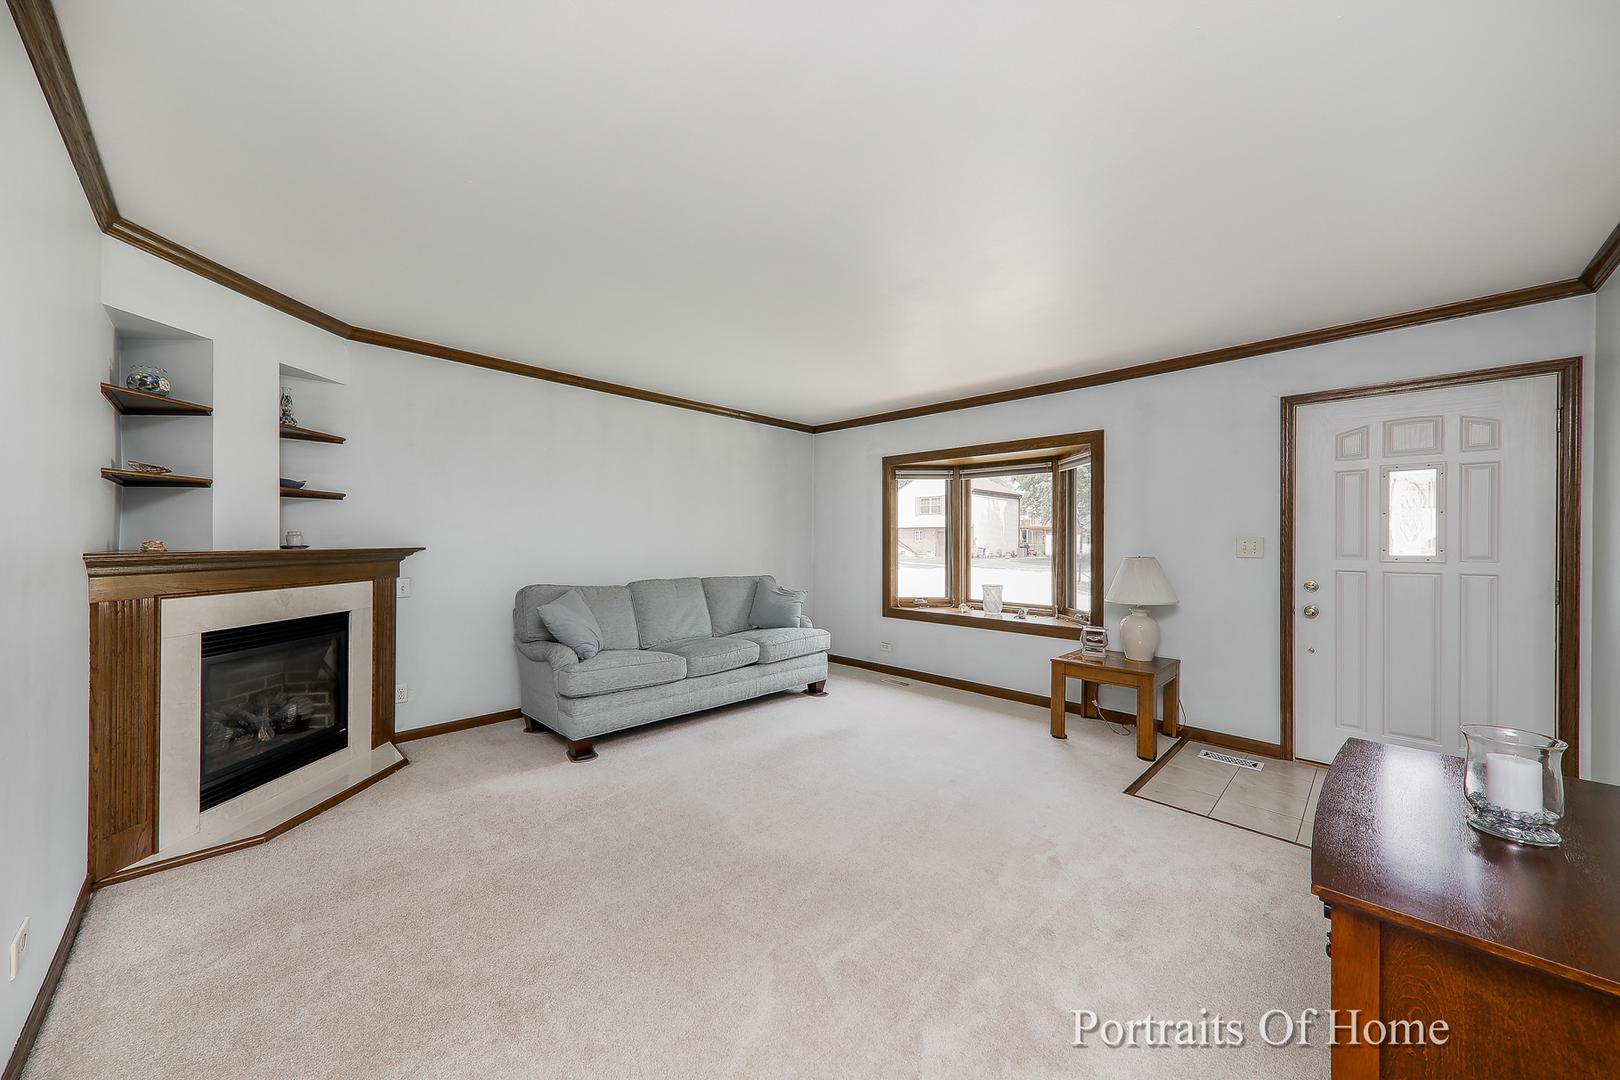 140 SHERMAN, BARTLETT, Illinois, 60103